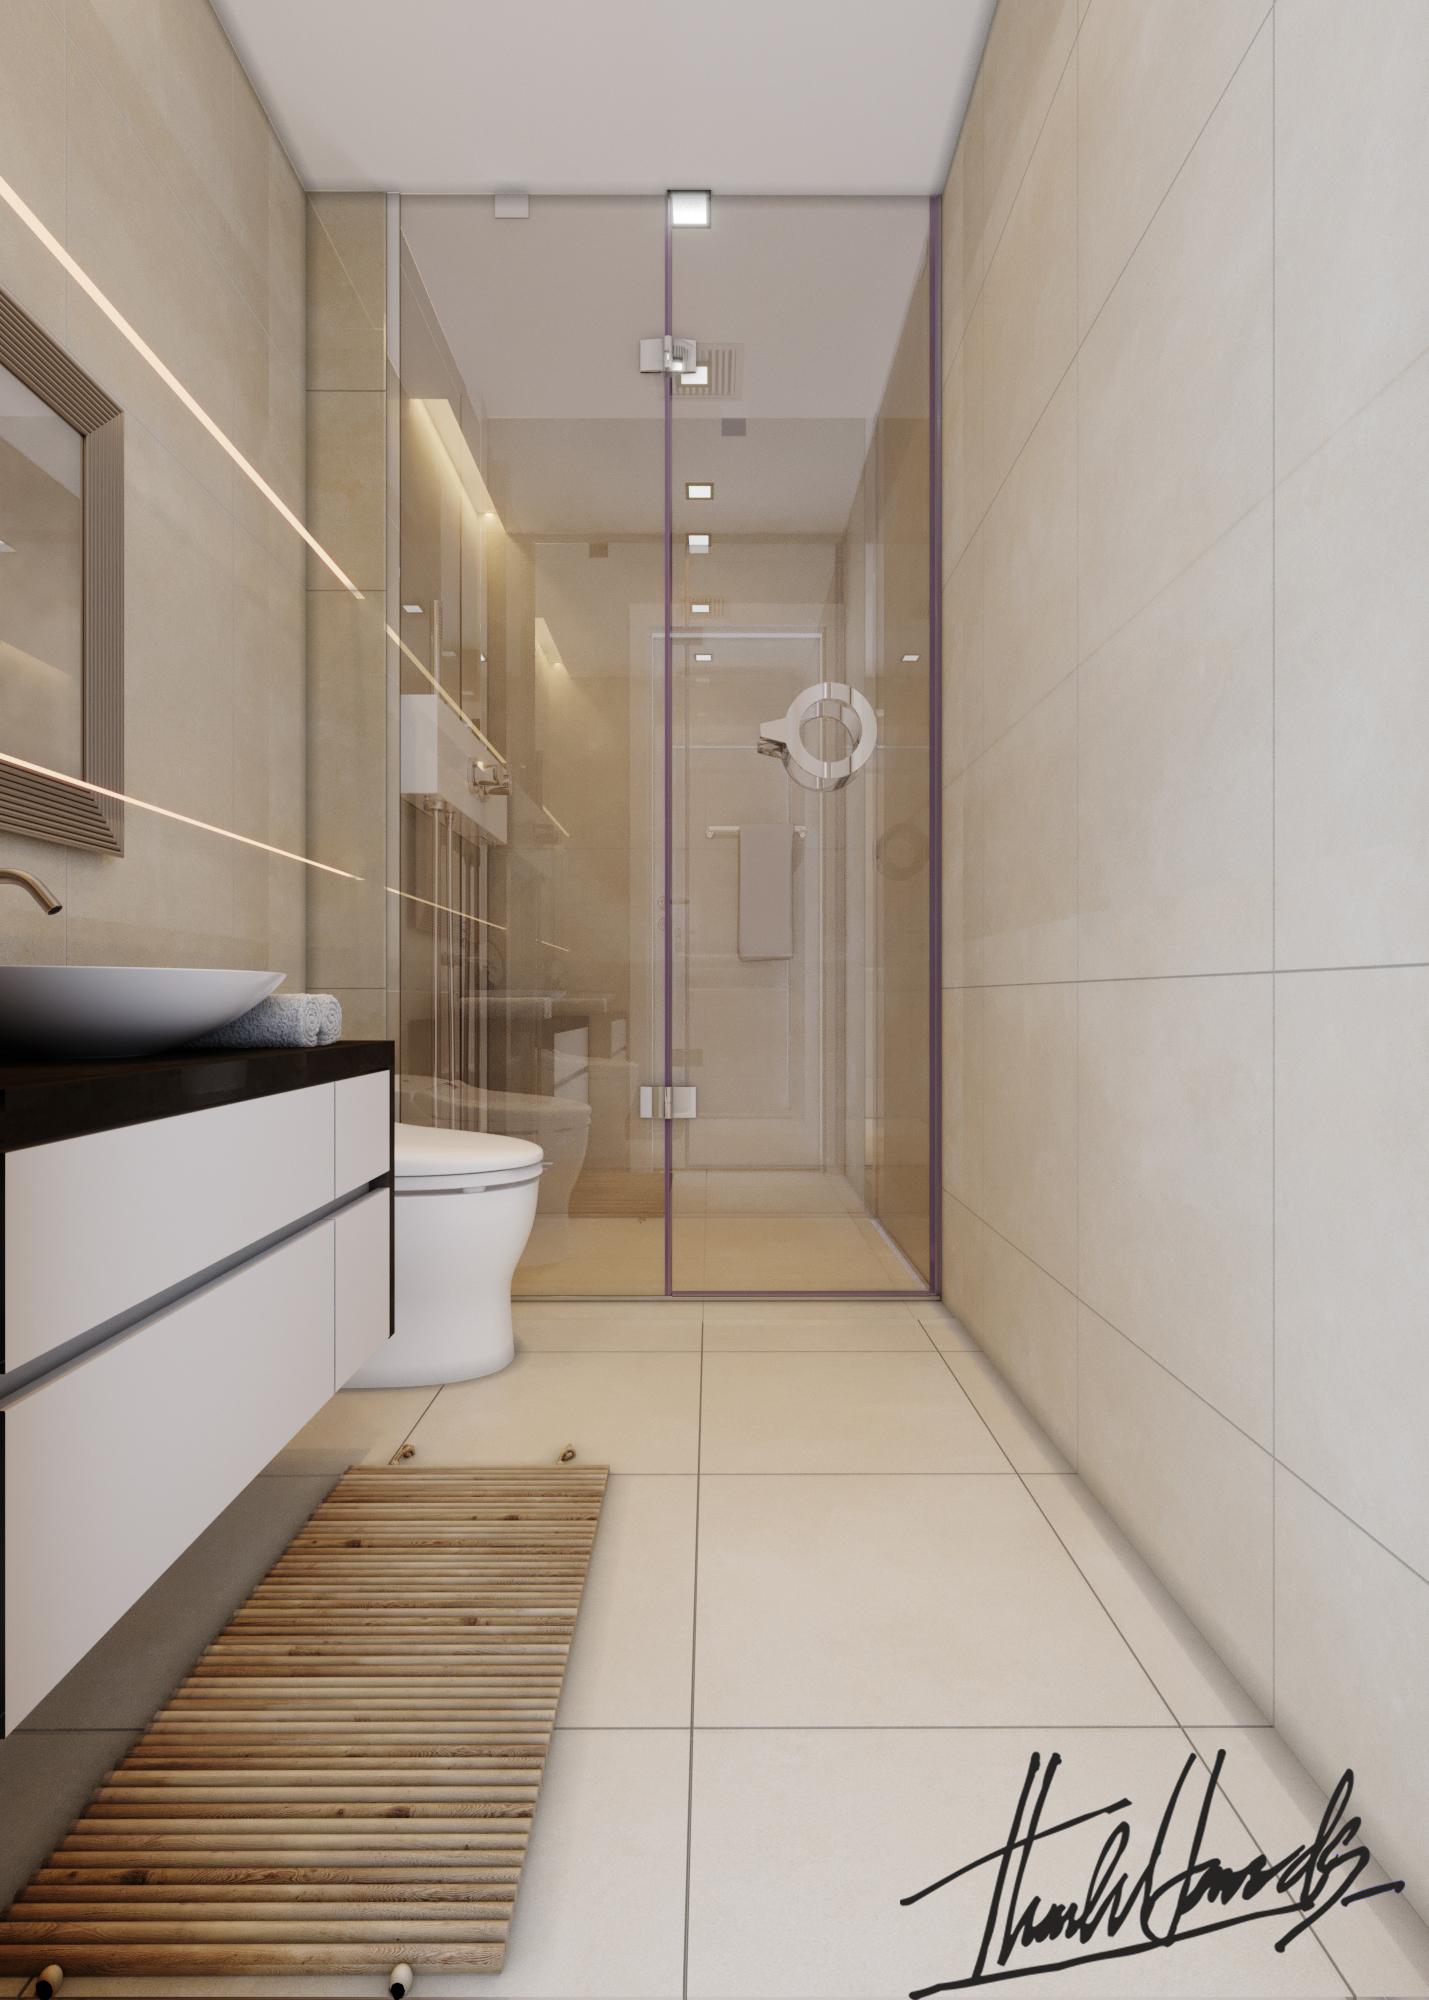 thiết kế nội thất Biệt Thự tại Hải Phòng Biệt thự Vinhomes - imperia ( khu VEN) 34 1568278785